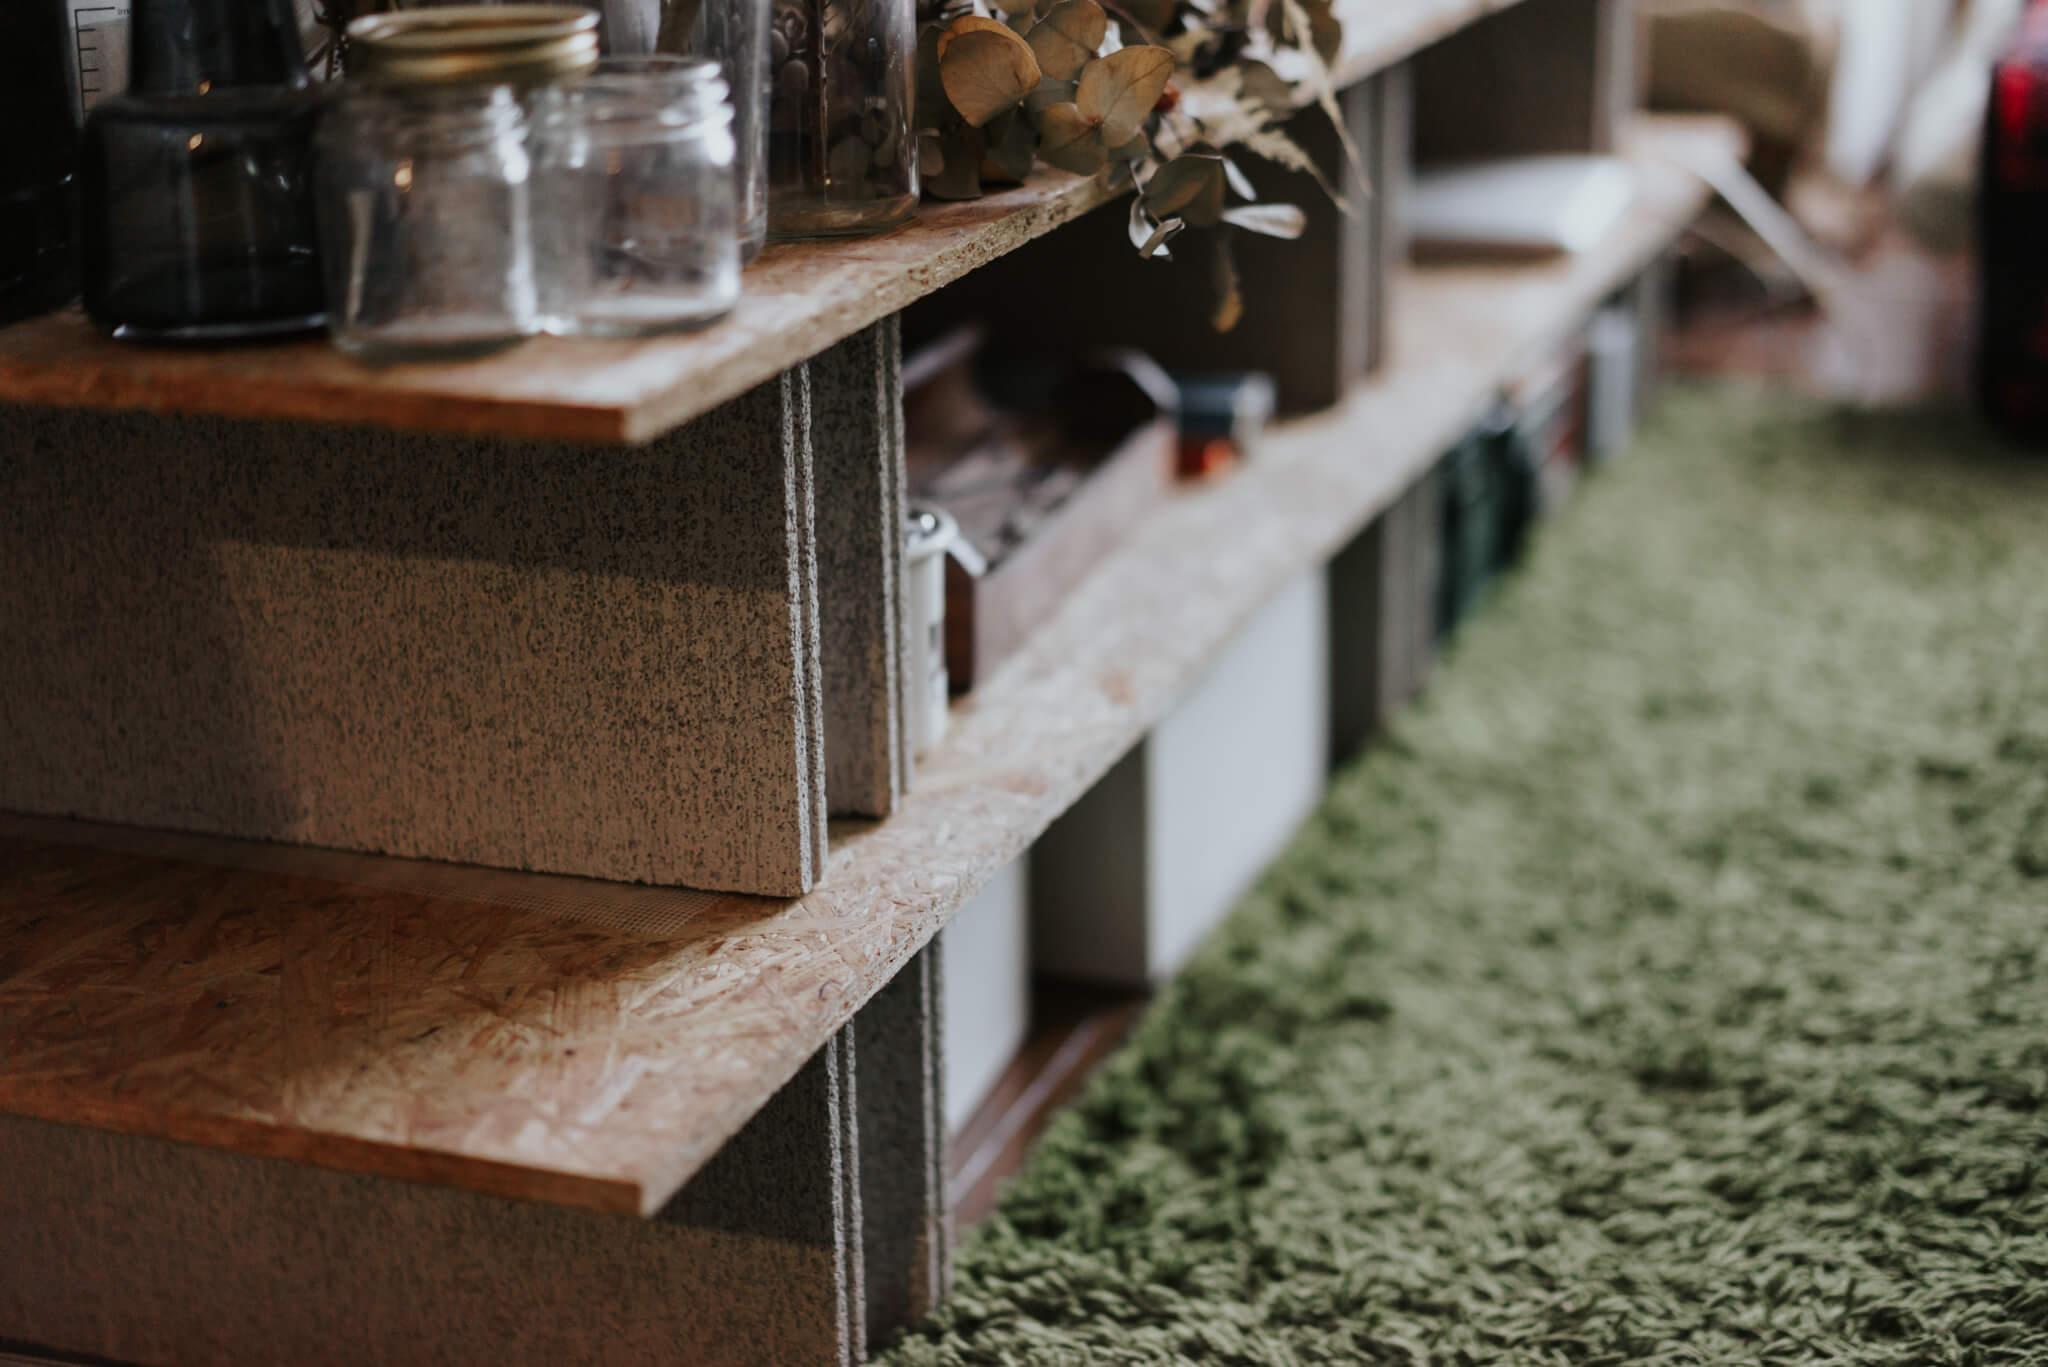 ホームセンターで手に入れたOSB合板と、コンクリートブロックを組み合わせたもの。材料費は2,000円程度だそう。(このお部屋はこちら)